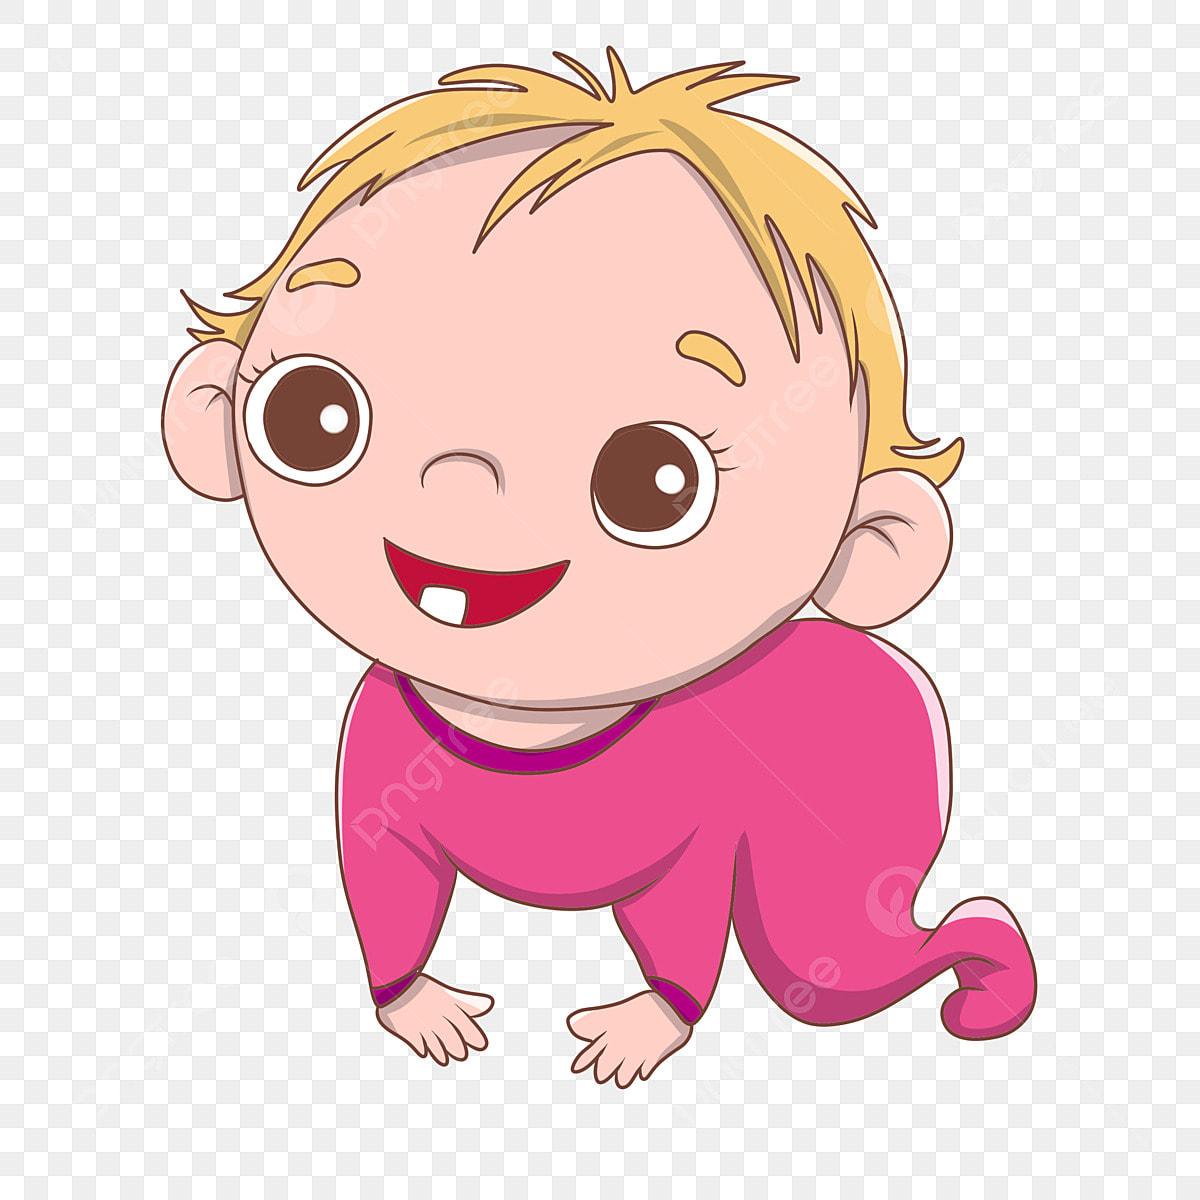 Dessin Animé Mignon Bébé Mère Et Bébé Joli Bébé Bébé